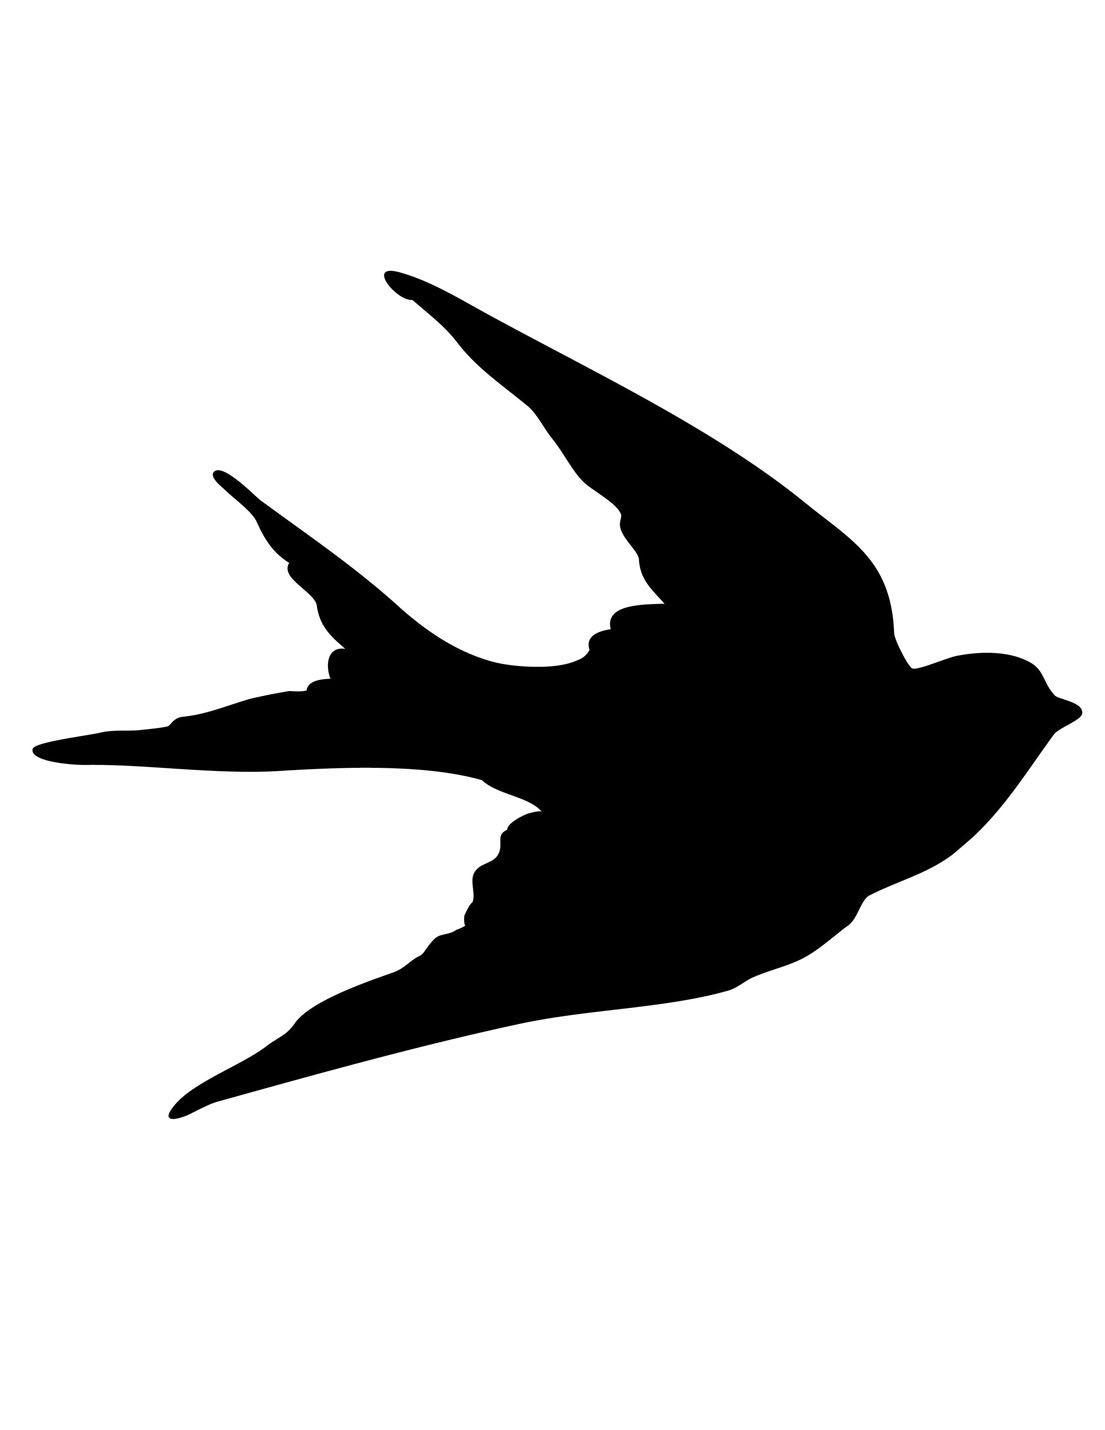 Pin von Aisha Moniz auf d. | Pinterest | Vogel, Schablone und ...